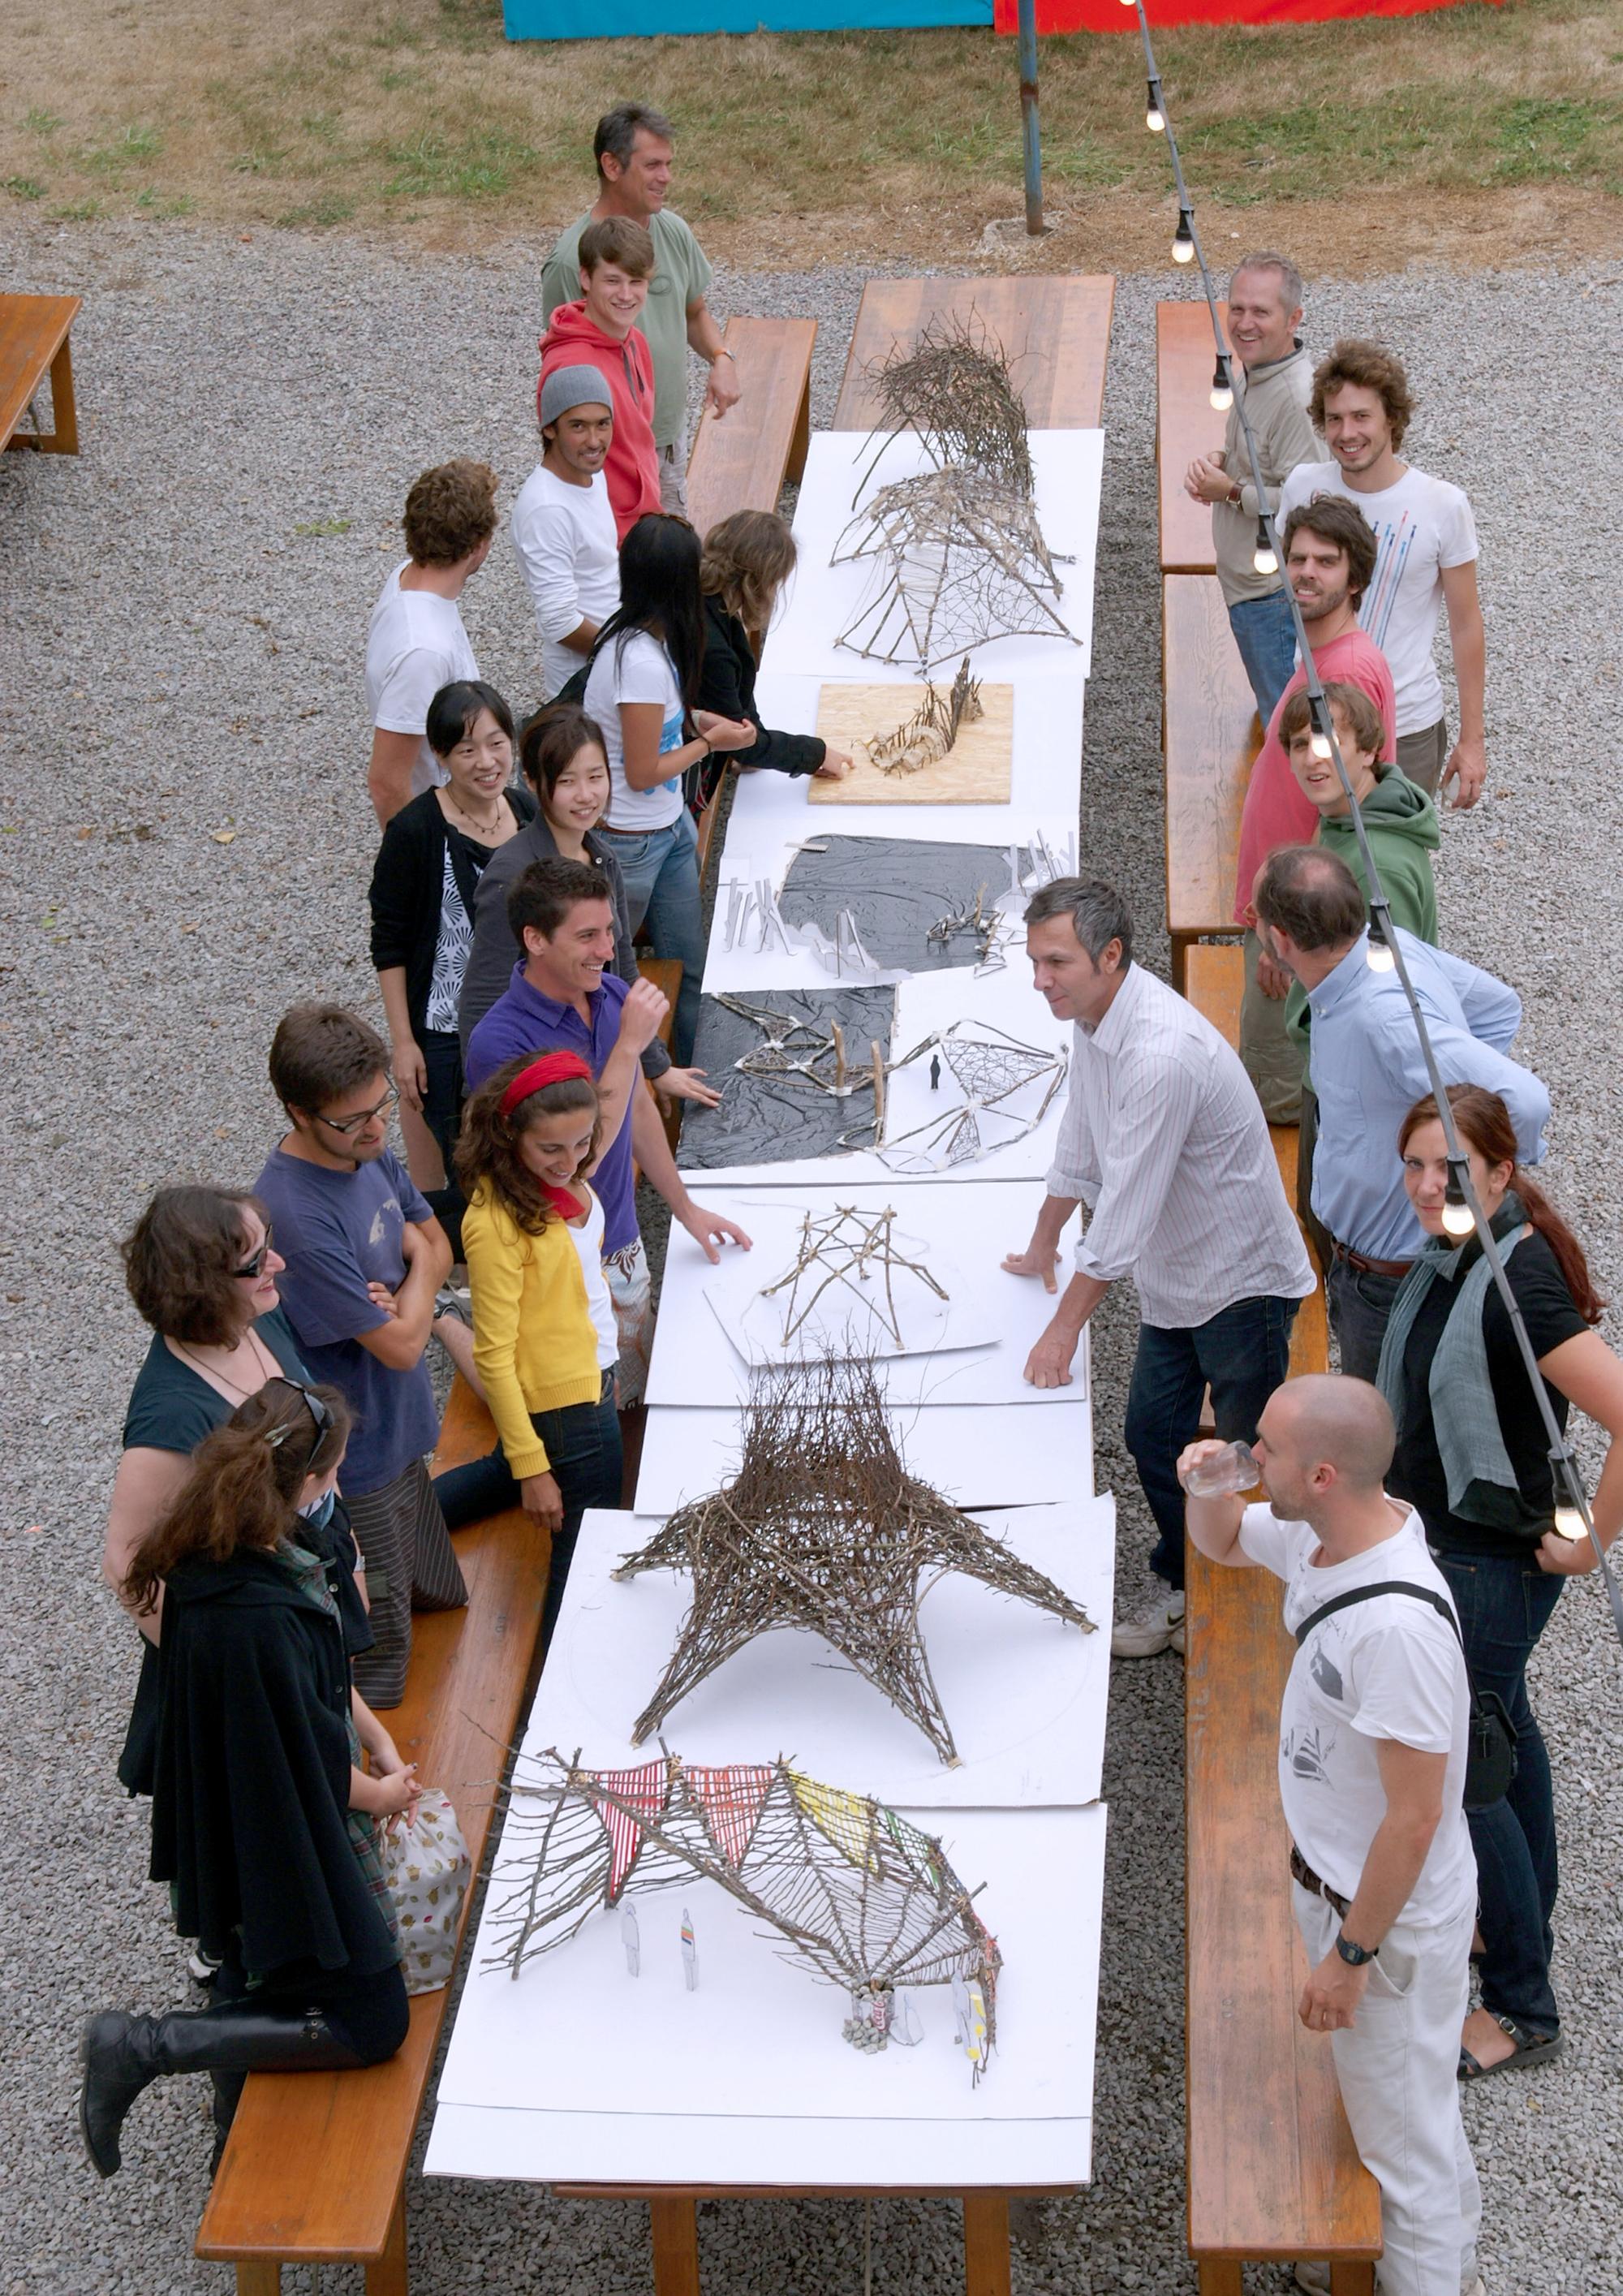 Campanas_Workshop_Photo_Deidi_von_Schaewen©Domaine de Boisbuchet.jpg.jpg